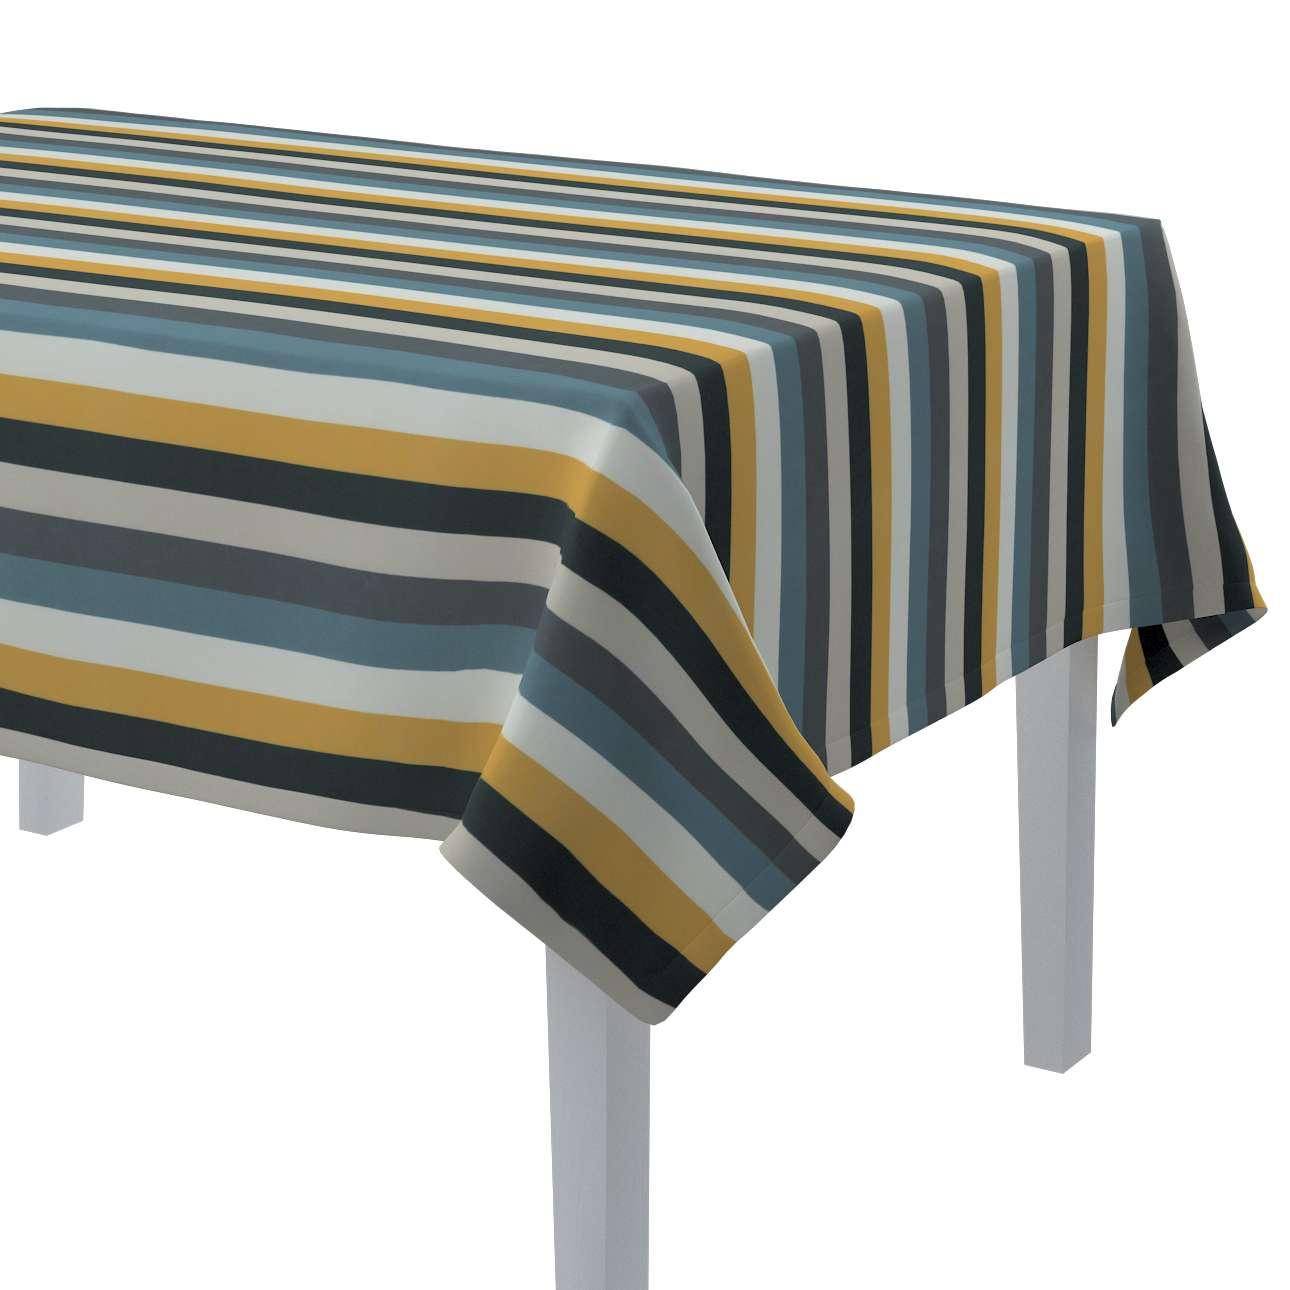 Asztalterítő téglalap alakú a kollekcióból Vintage 70's, Dekoranyag: 143-59